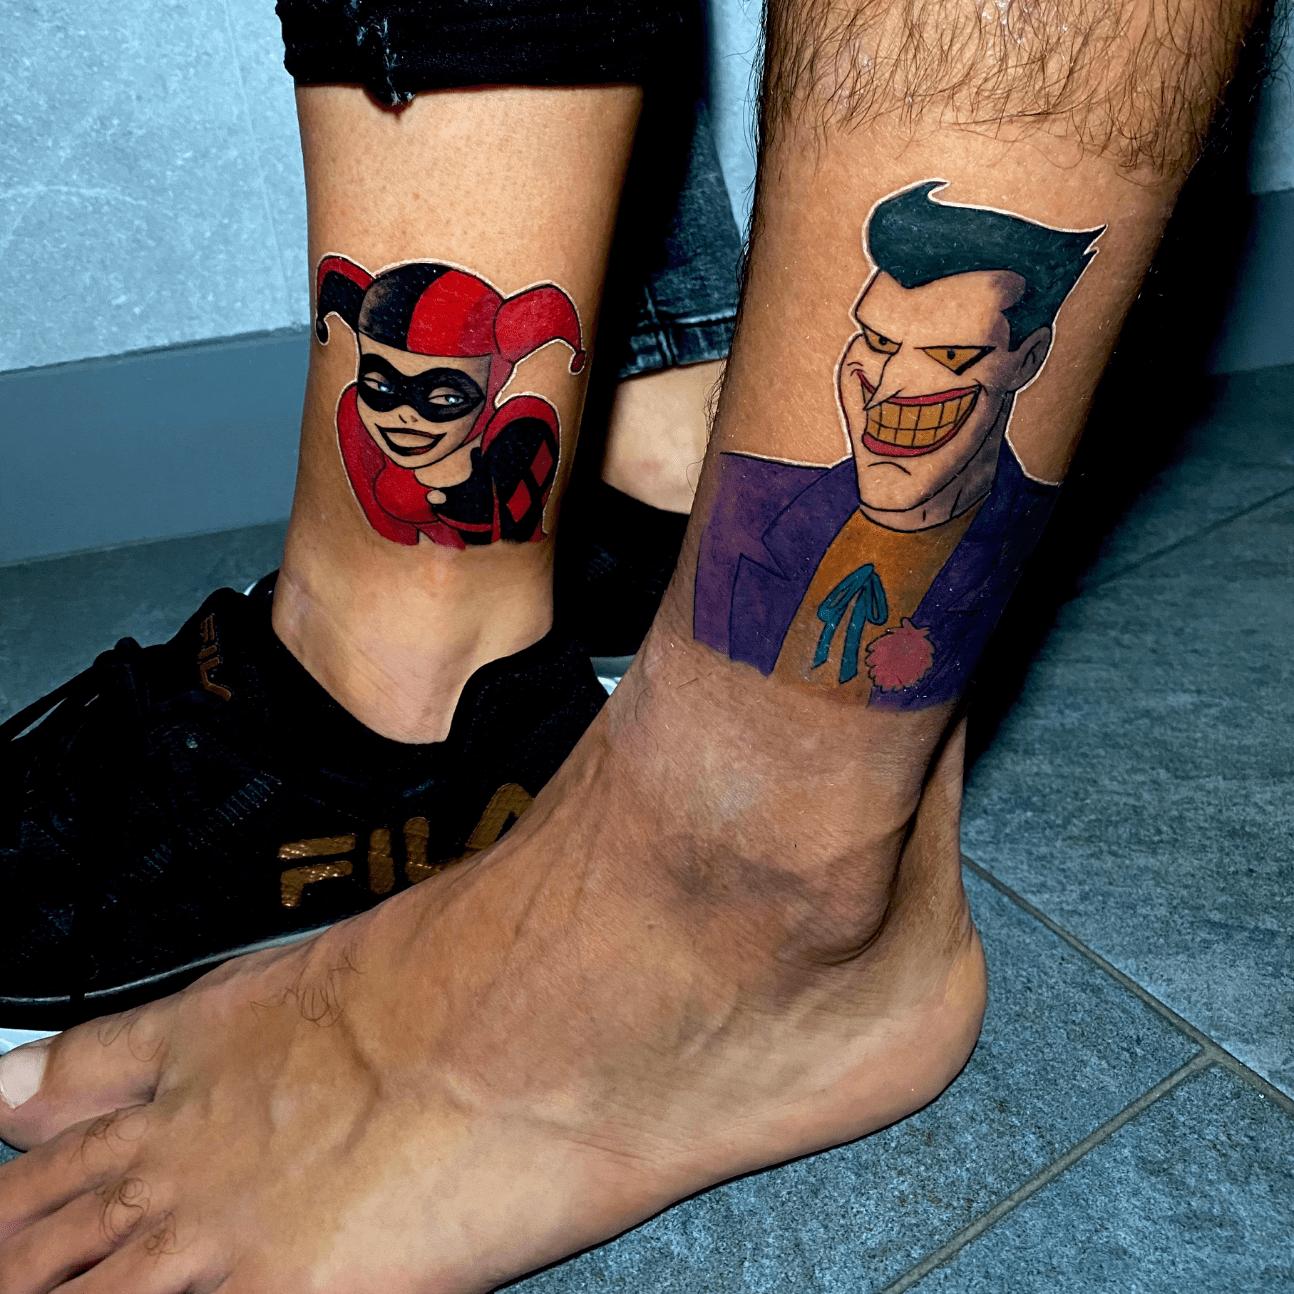 Tatuaggi per fidanzati: Harley Queen